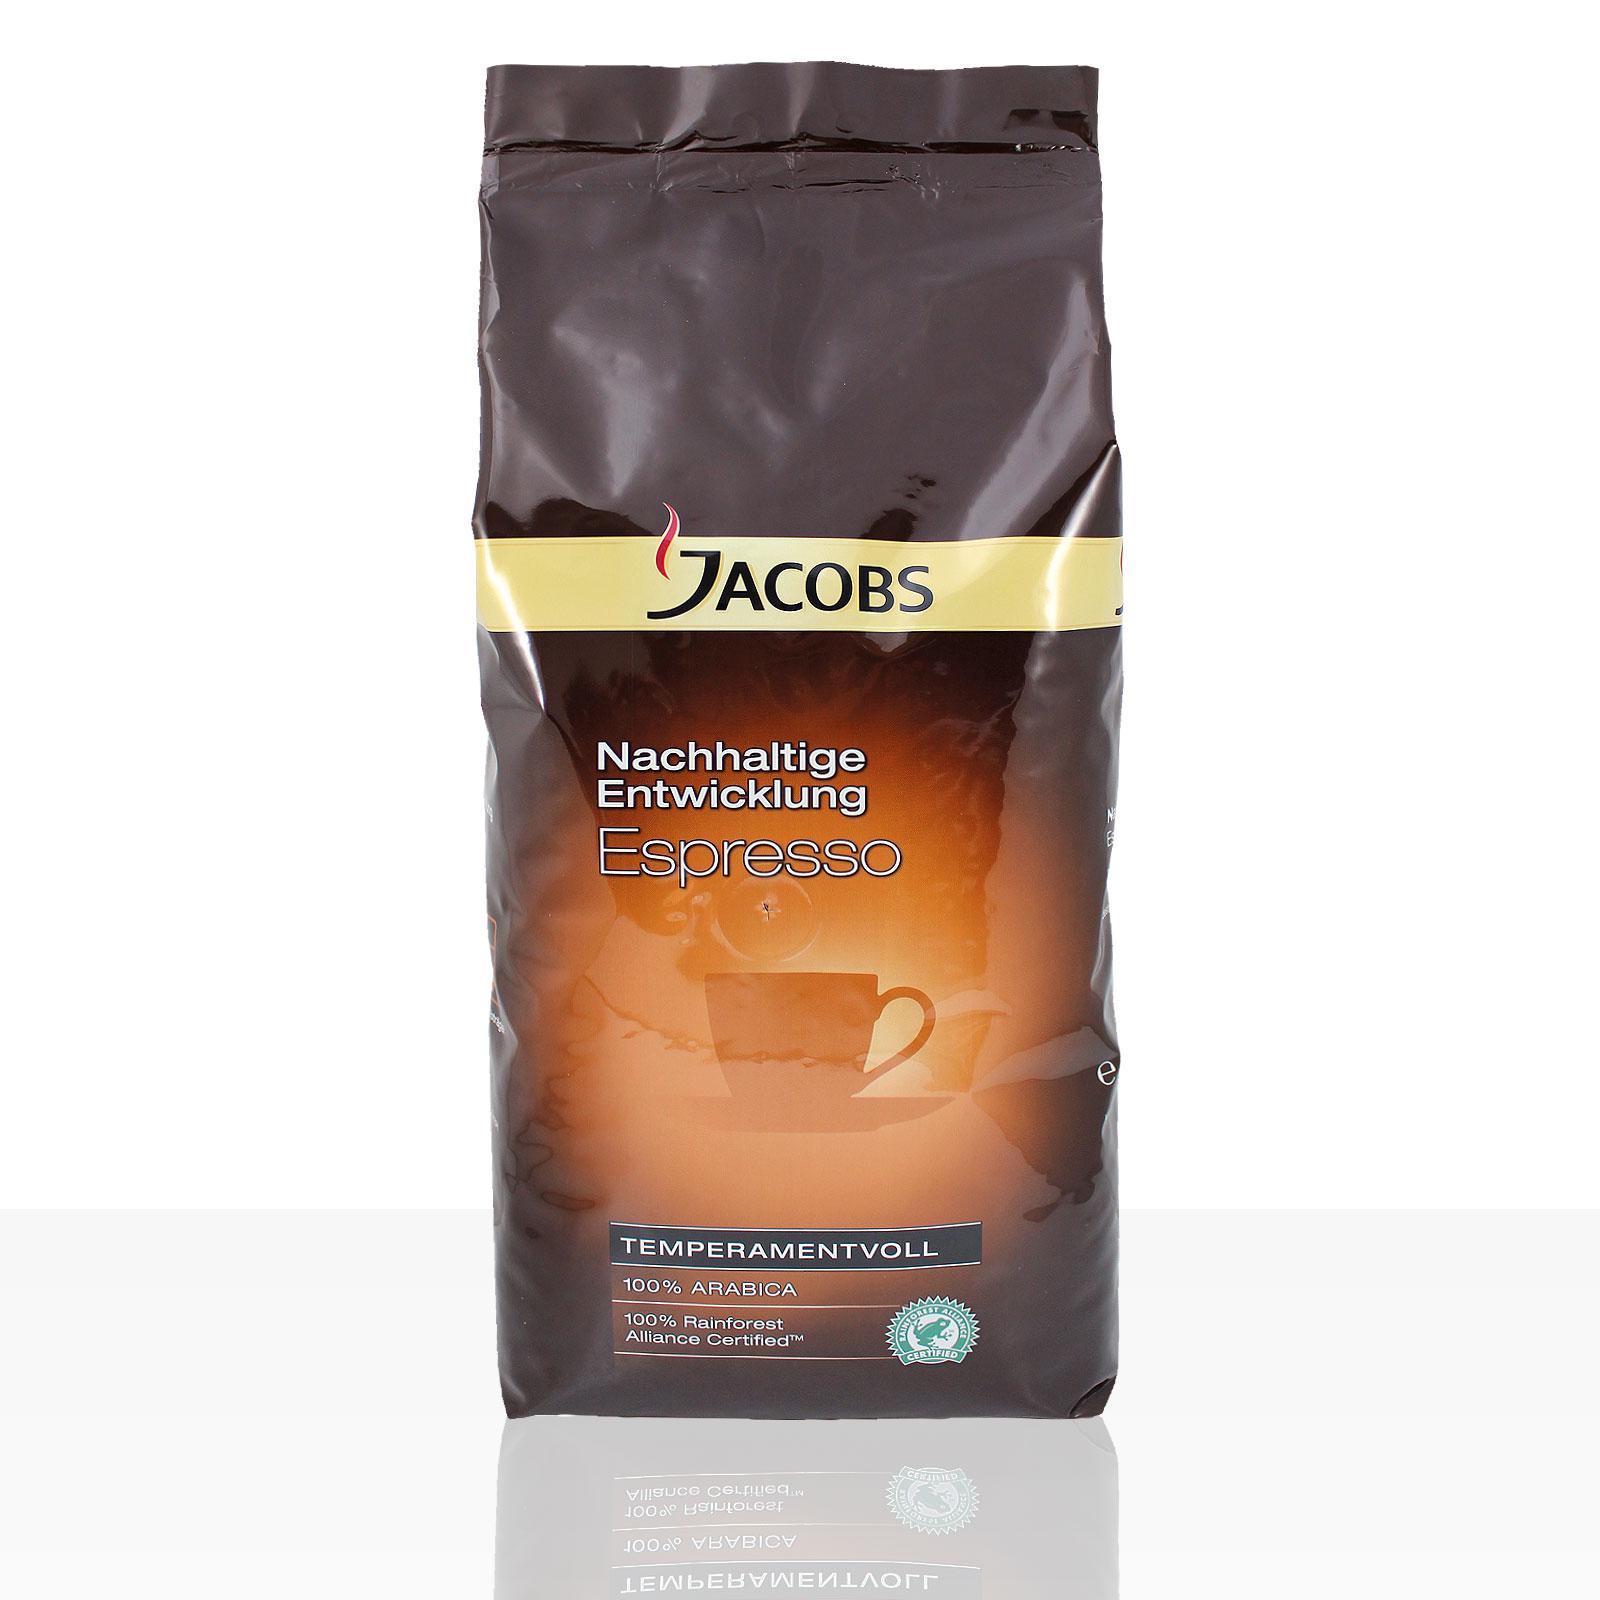 Jacobs Nachhaltige Entwicklung Espresso - 1kg ganze Kaffee-Bohne, 100% Arabica